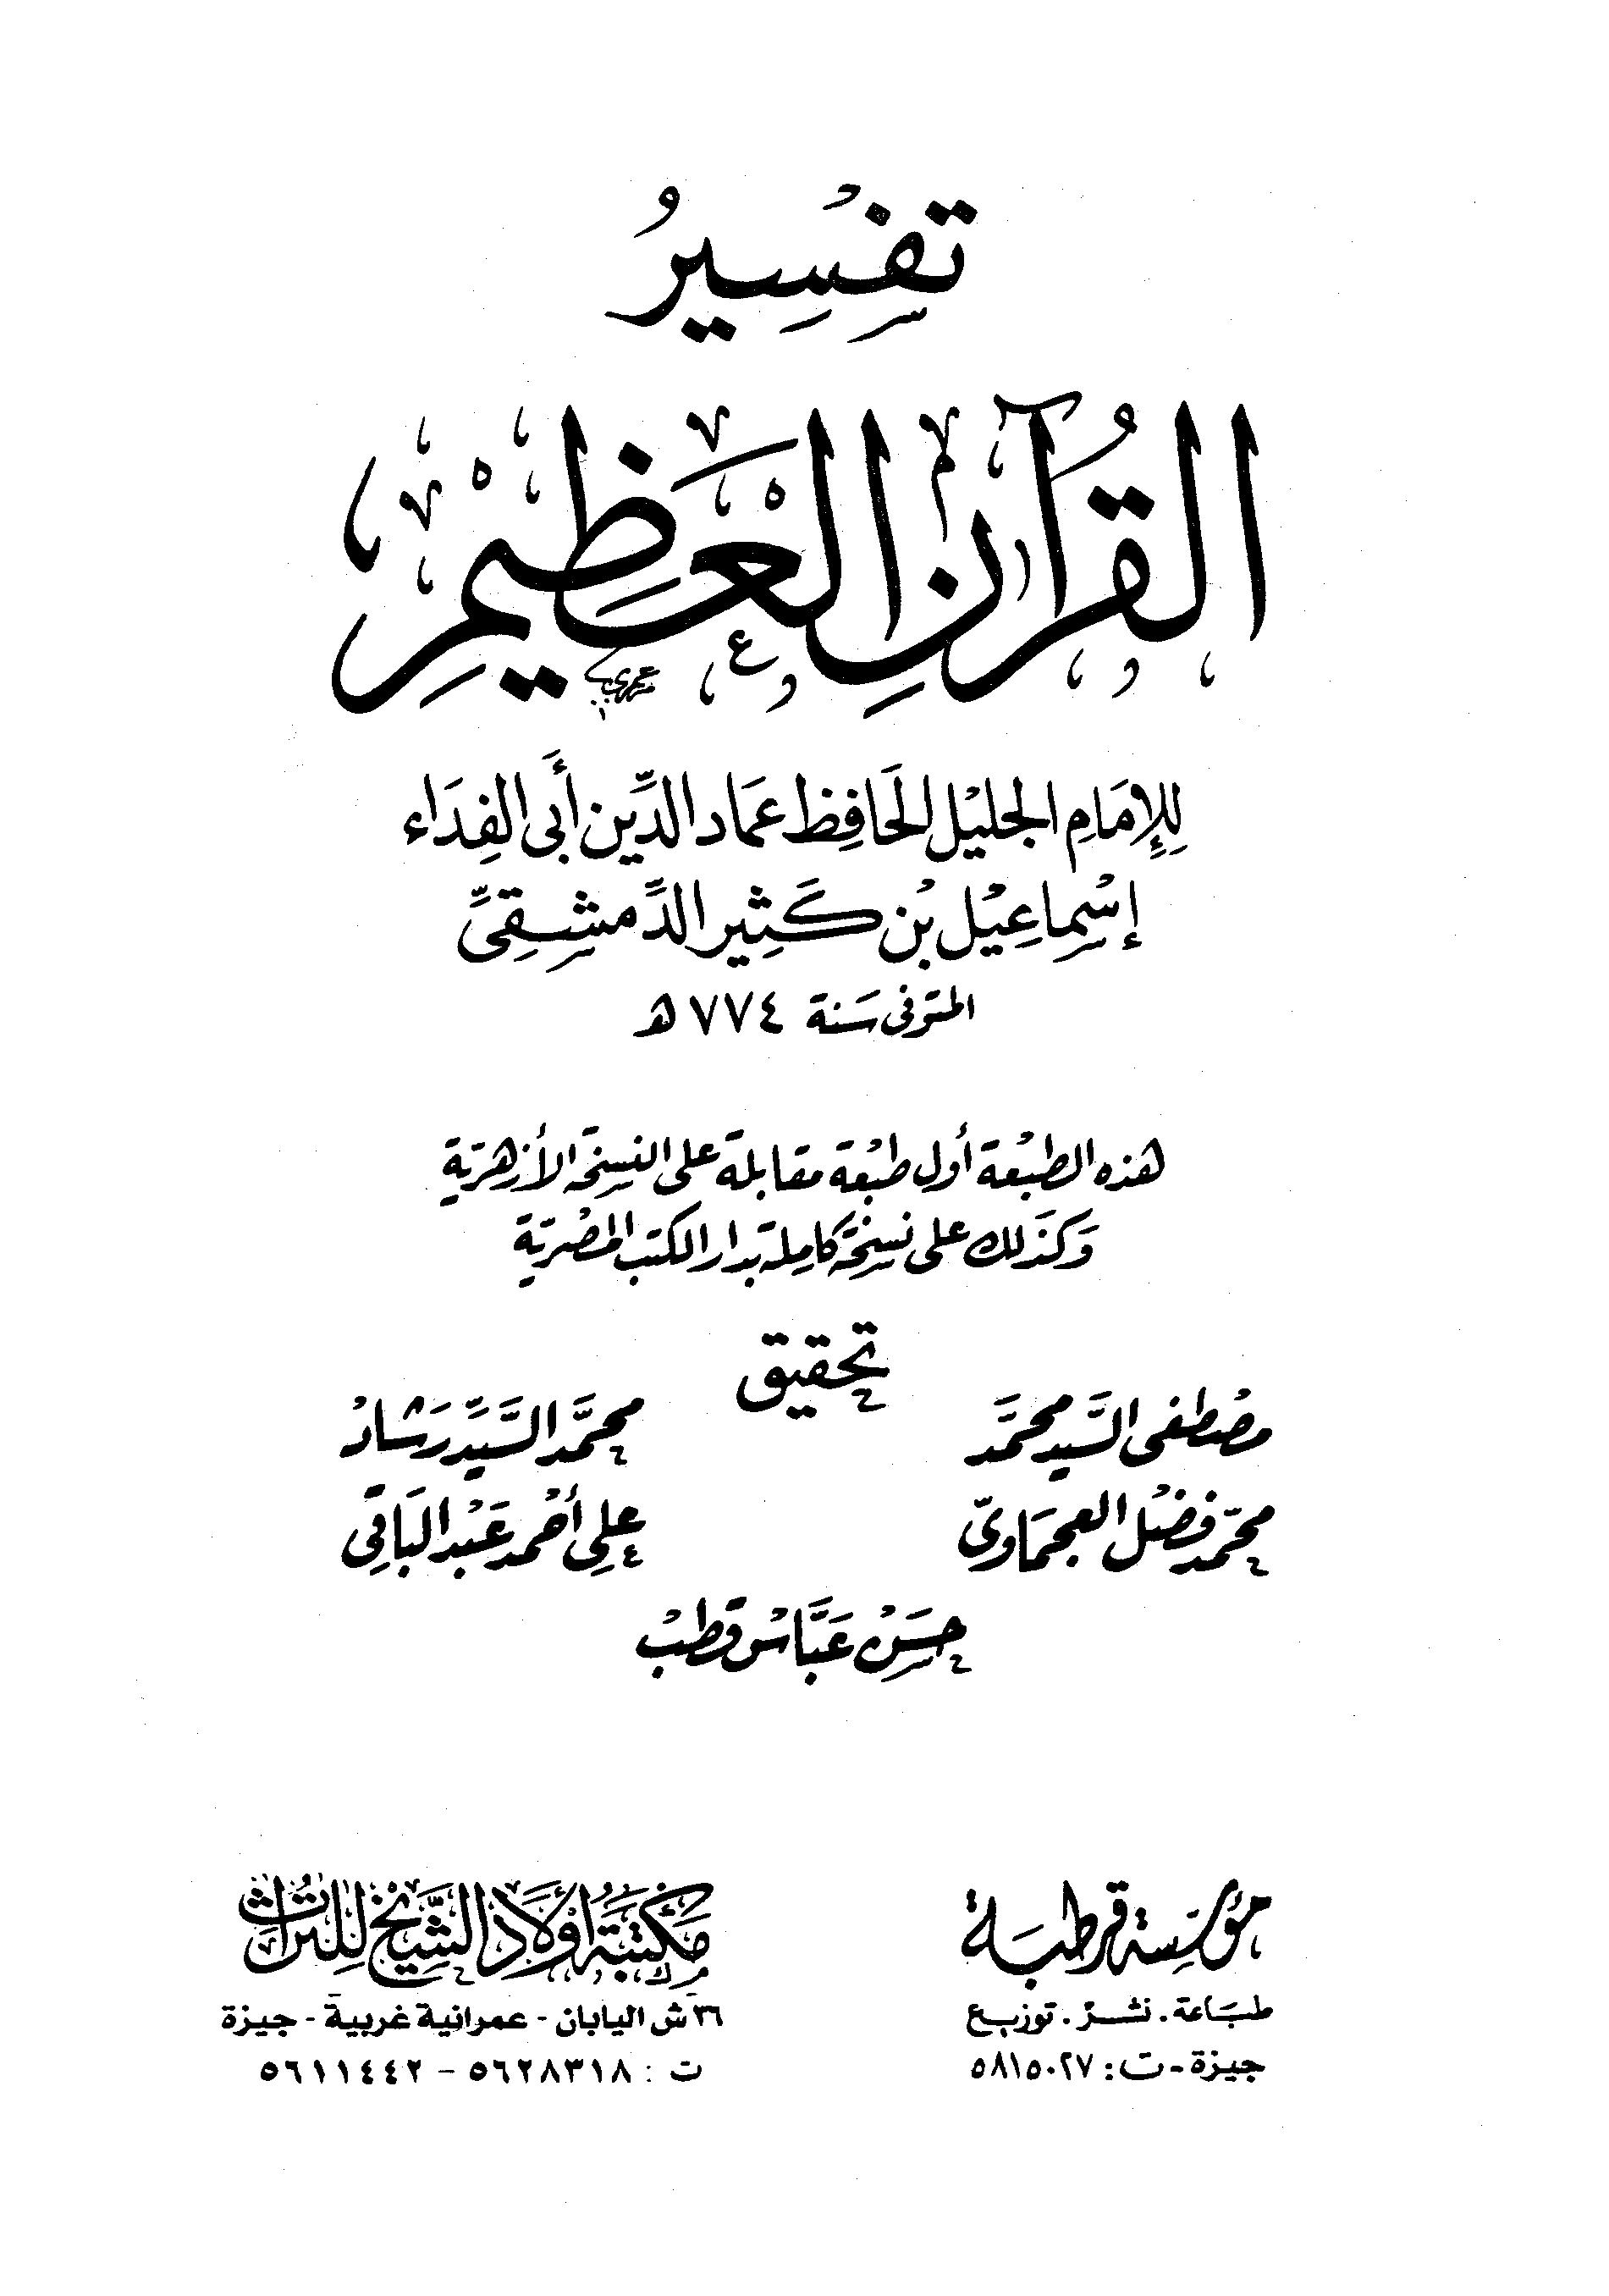 تحميل كتاب تفسير القرآن العظيم (ط. مؤسسة قرطبة) لـِ: الإمام عماد الدين أبو الفداء إسماعيل بن كثير القرشي البصري، ثم الدمشقي (ت 774 هـ)